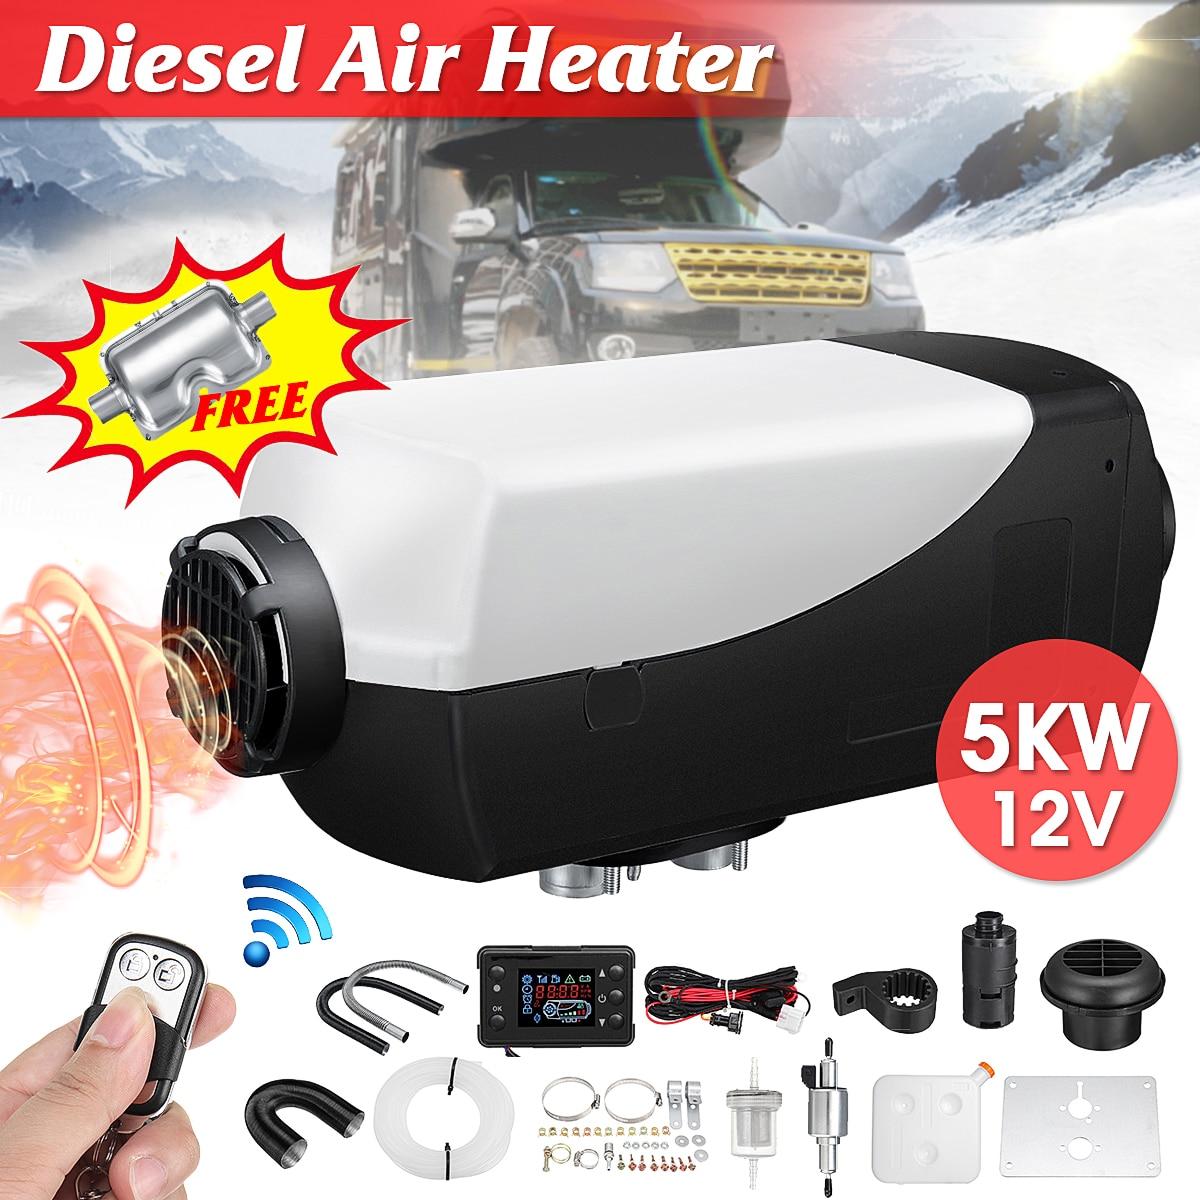 Radiateur de voiture 5KW 12 V Air Diesels Chauffe-chauffage de stationnement Avec À Distance Riscaldatore écran lcd Silencieux Pour Camions Bateaux Etc